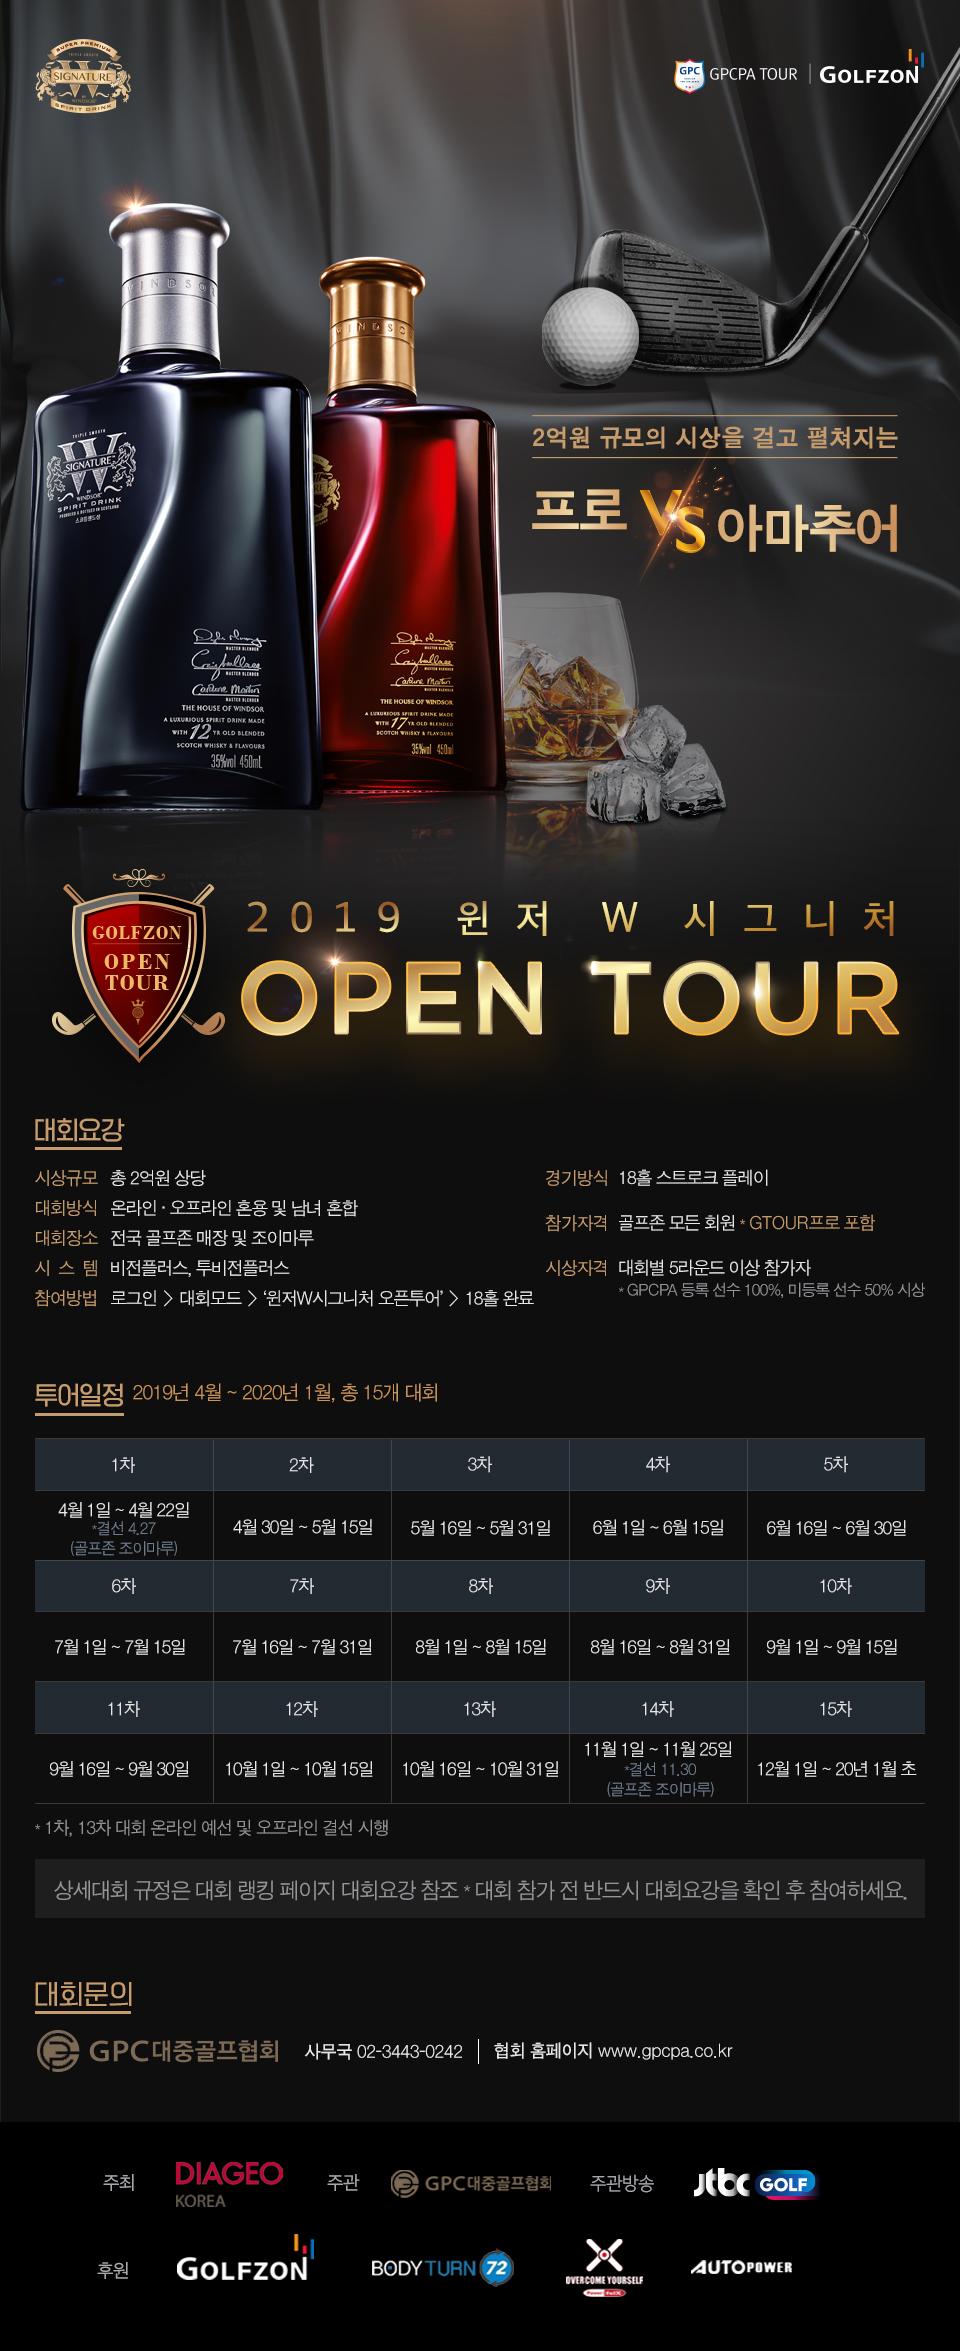 2019 윈저 W 시그니처 OPEN TOUR 7차